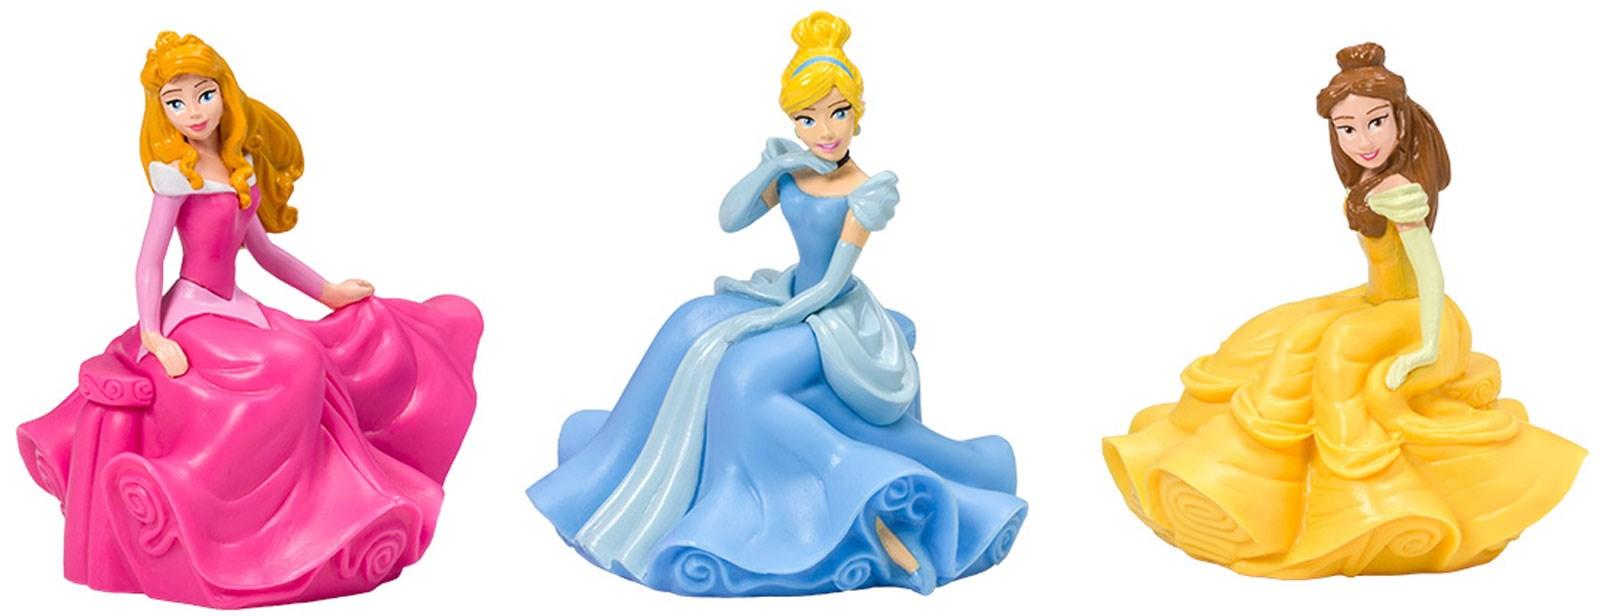 Disney Princess Cake Topper 3 Pieces Birthdayexpress Com